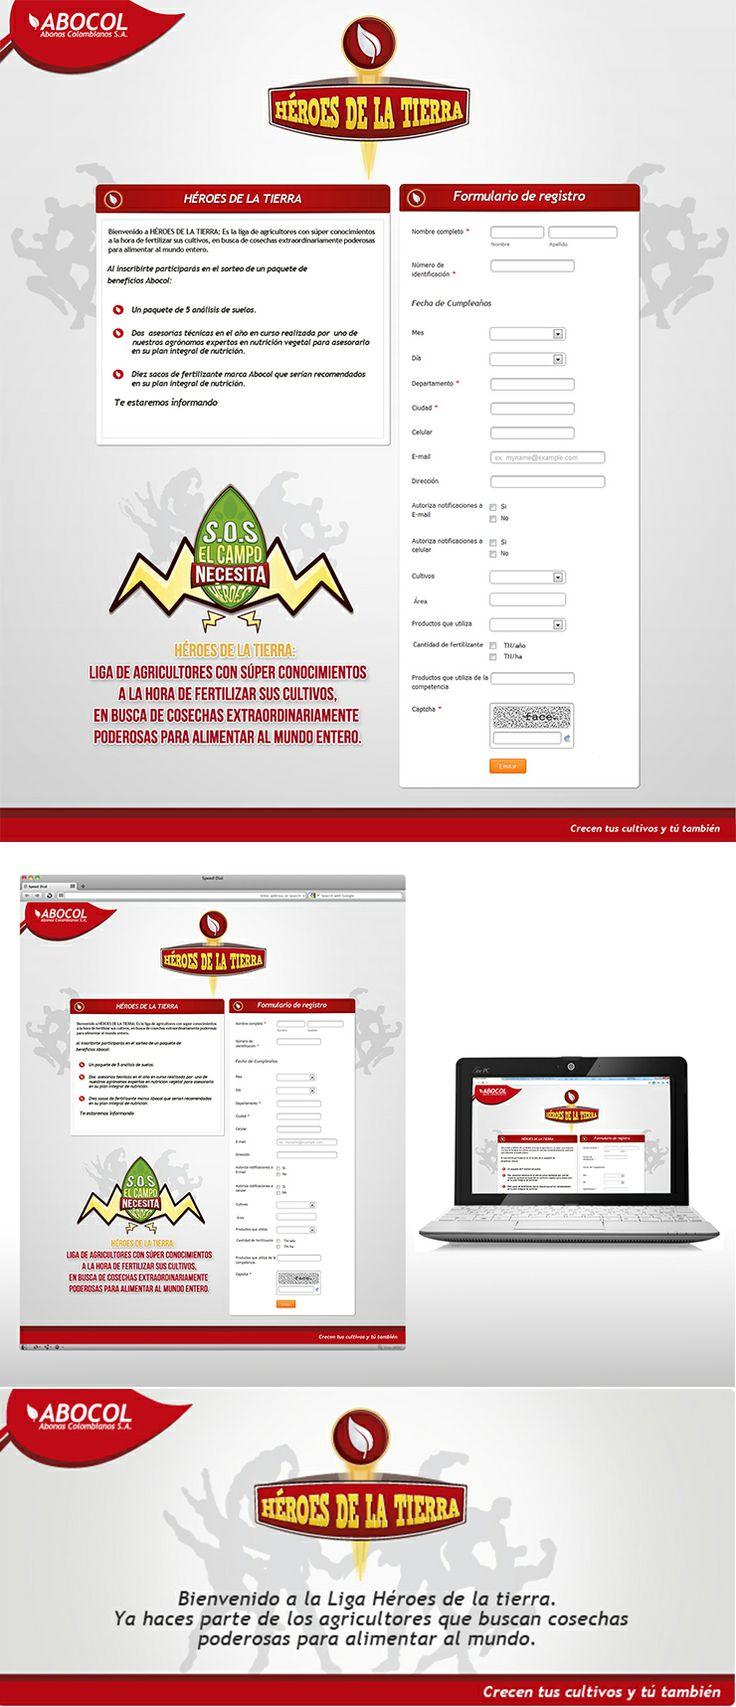 Mini site Abocol, Campaña Héroes de la tierra